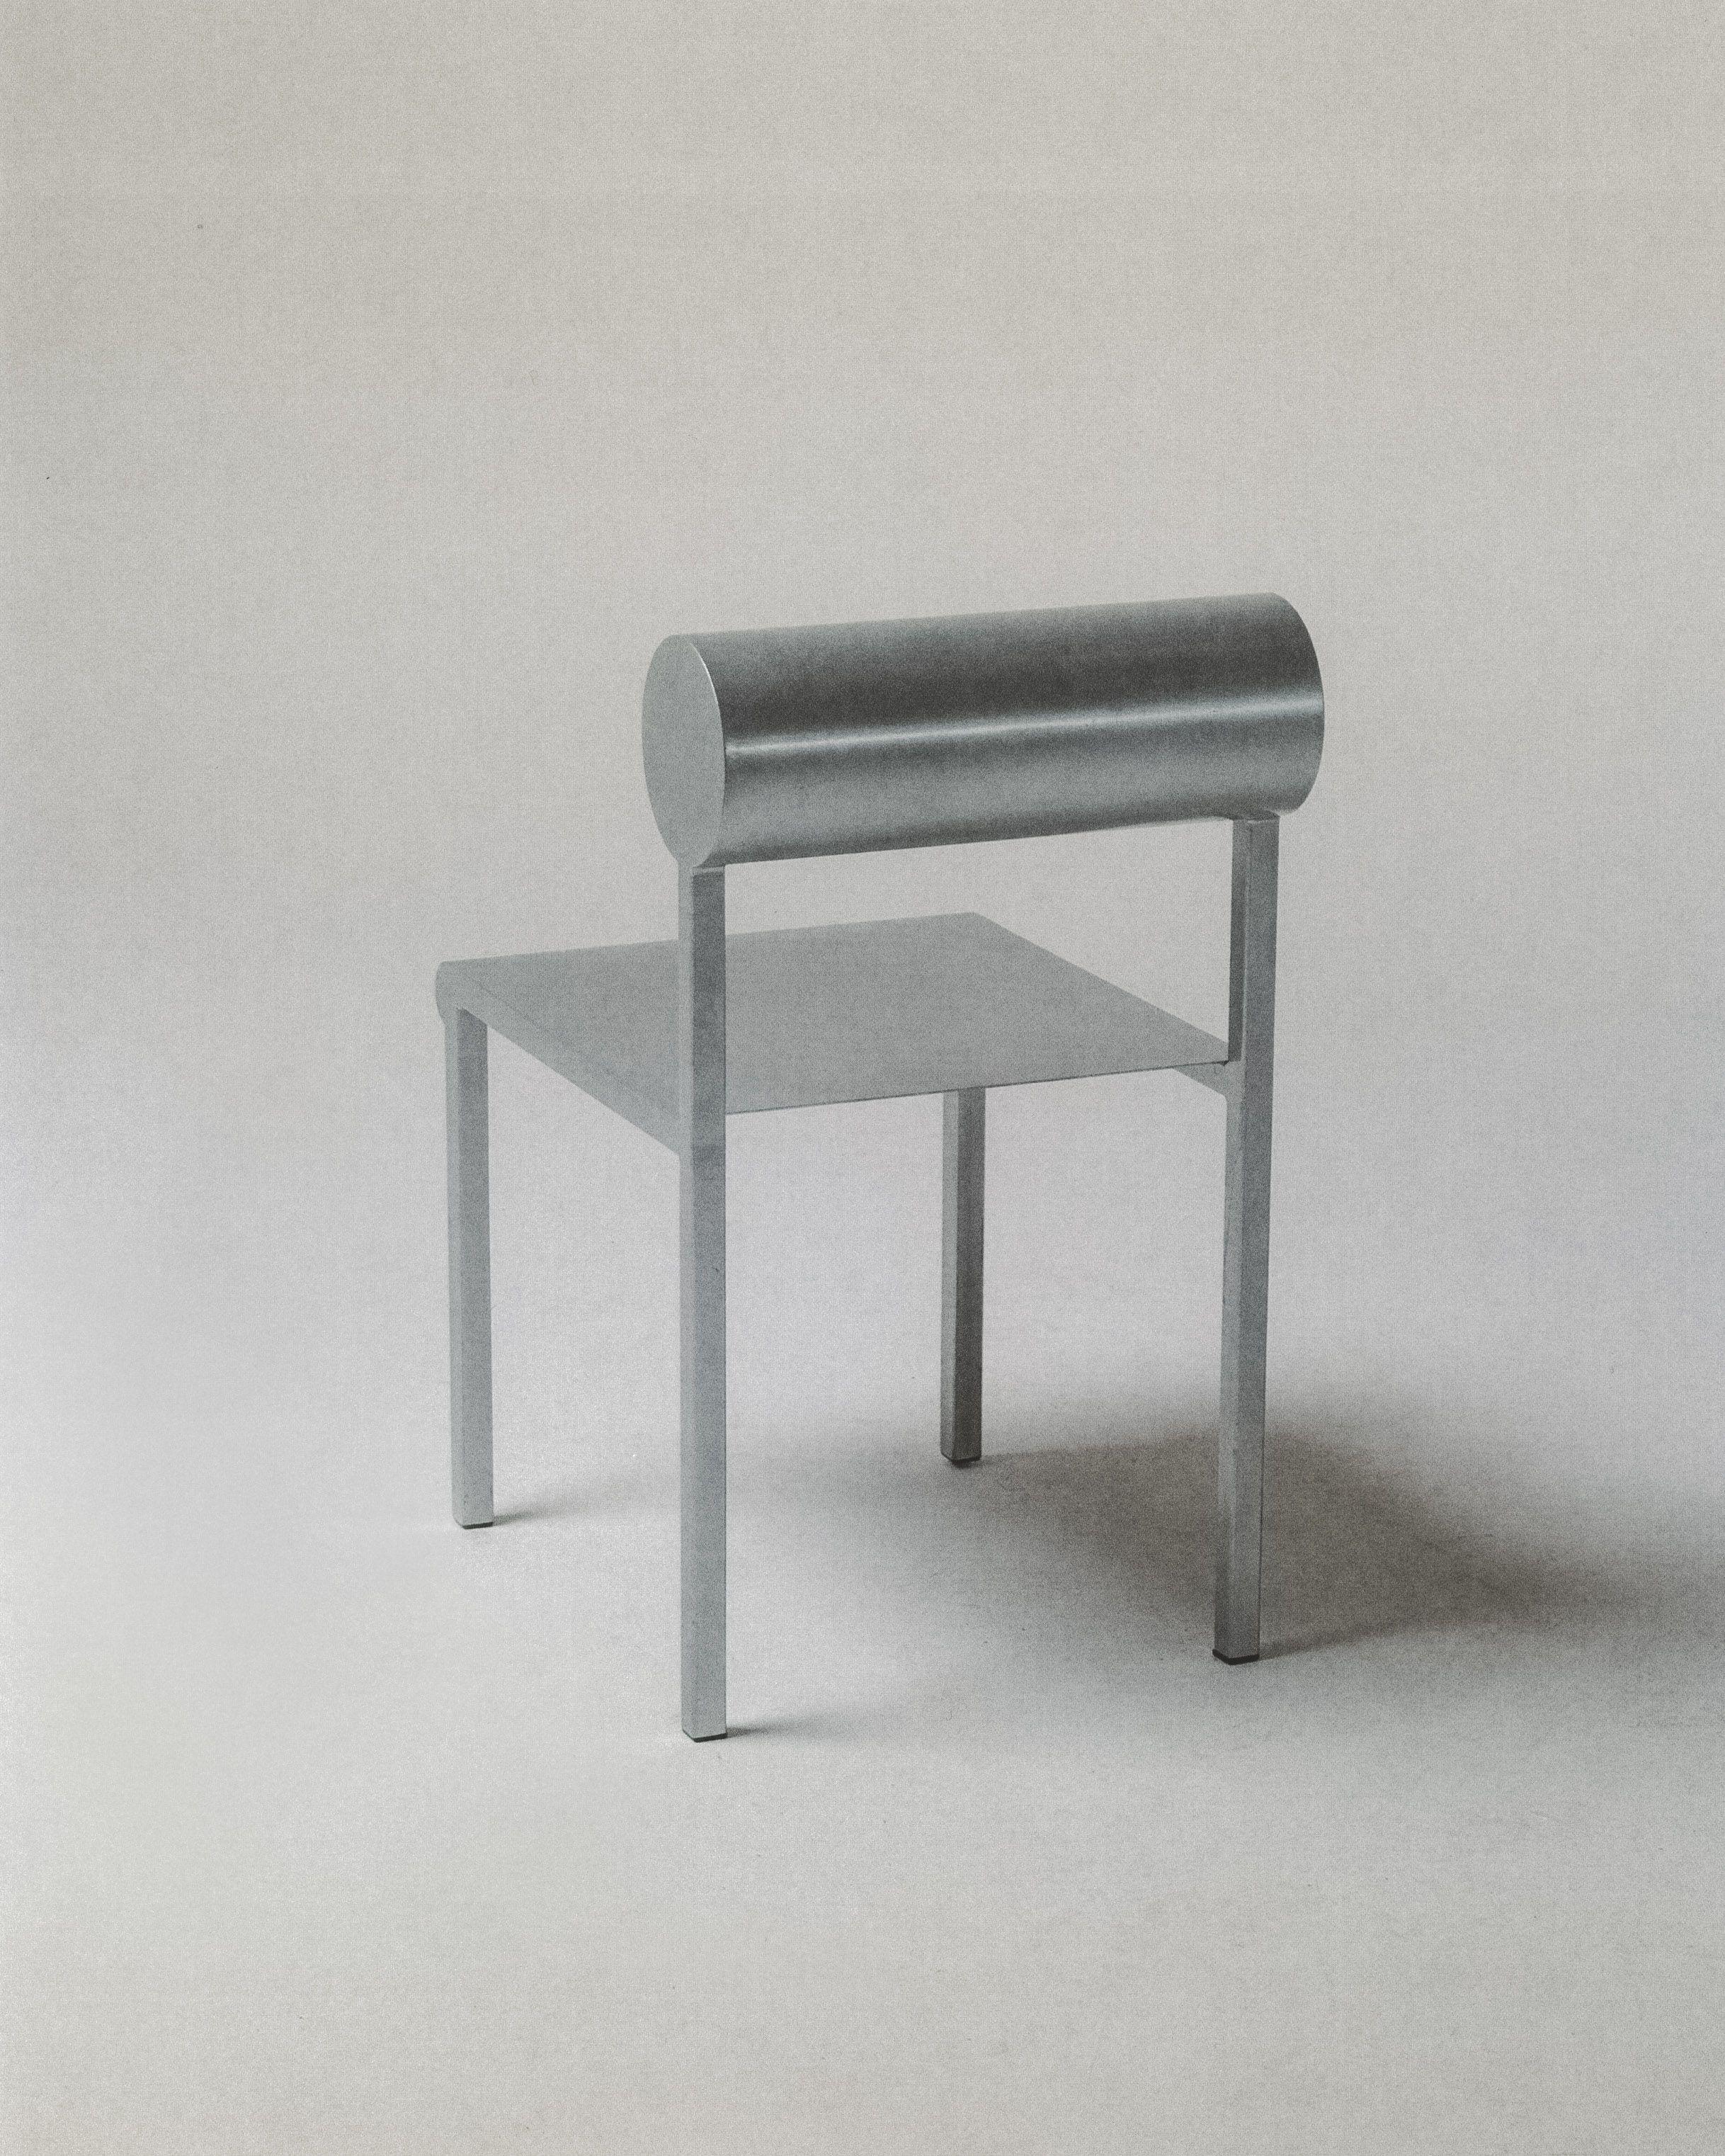 Cylinder Back Steel product image 1